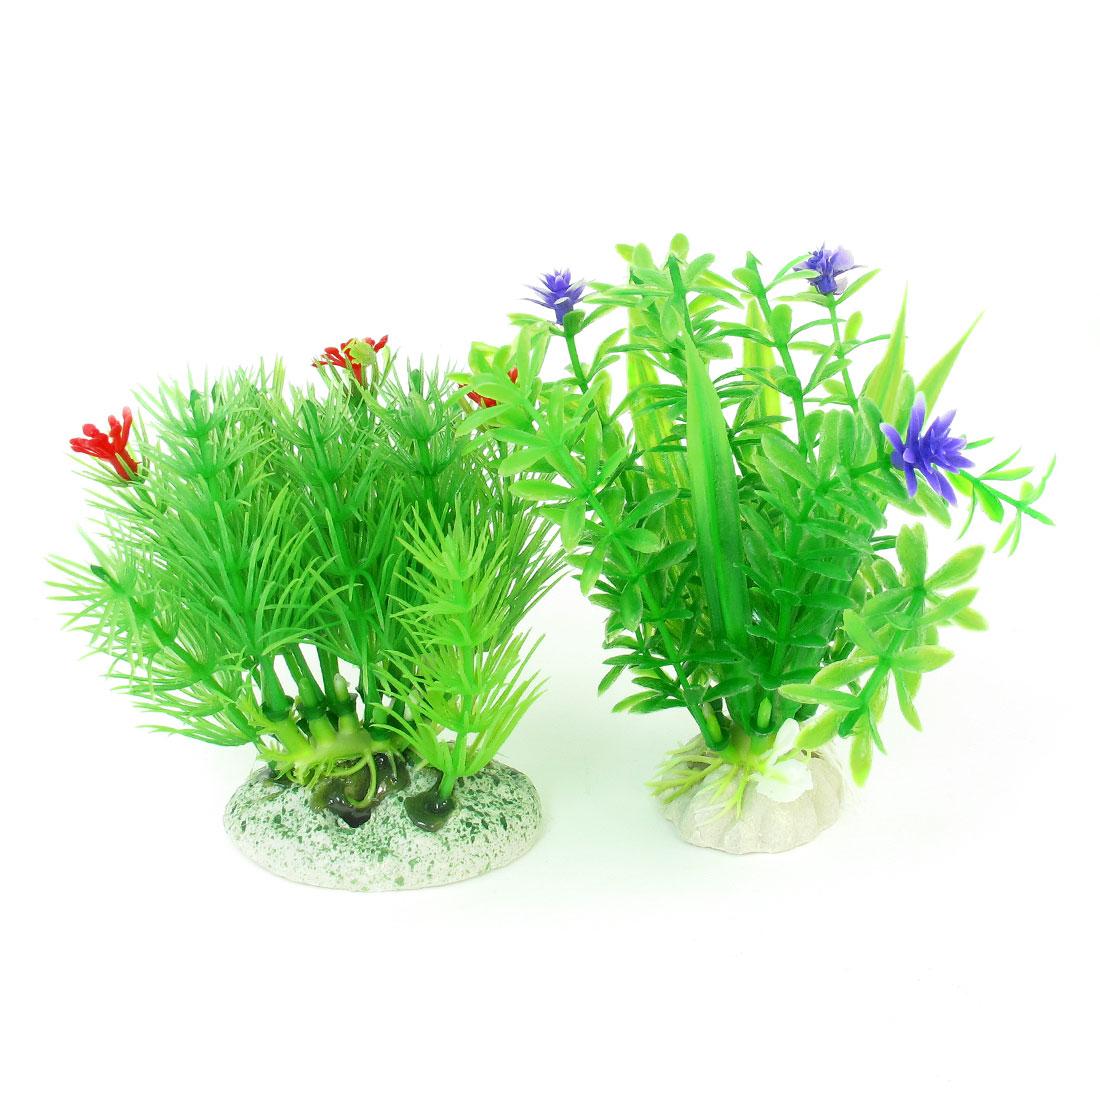 2 Pcs Green Emulational Aquatic Fish Tank Aquarium Grasses Ornament